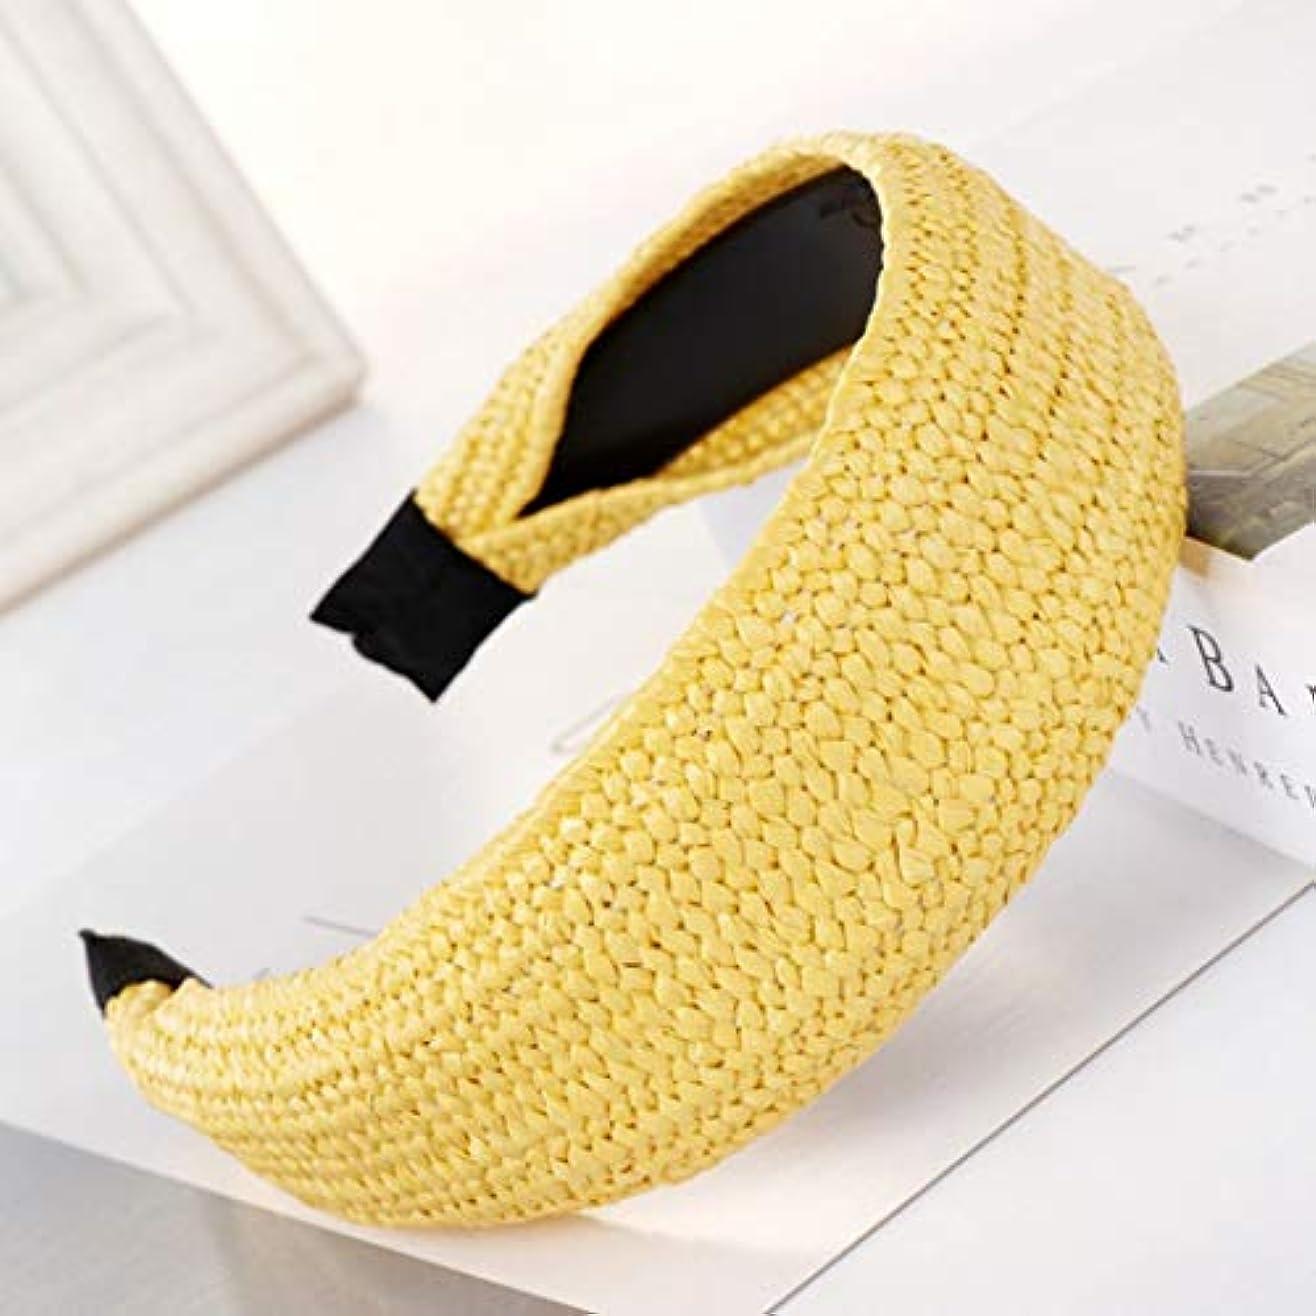 かご中開発Wadachikis ファッションわら織りヘアバンド結び目ヘッドバンドユニークヘアフープヘアアクセサリー(None 平板黄色)